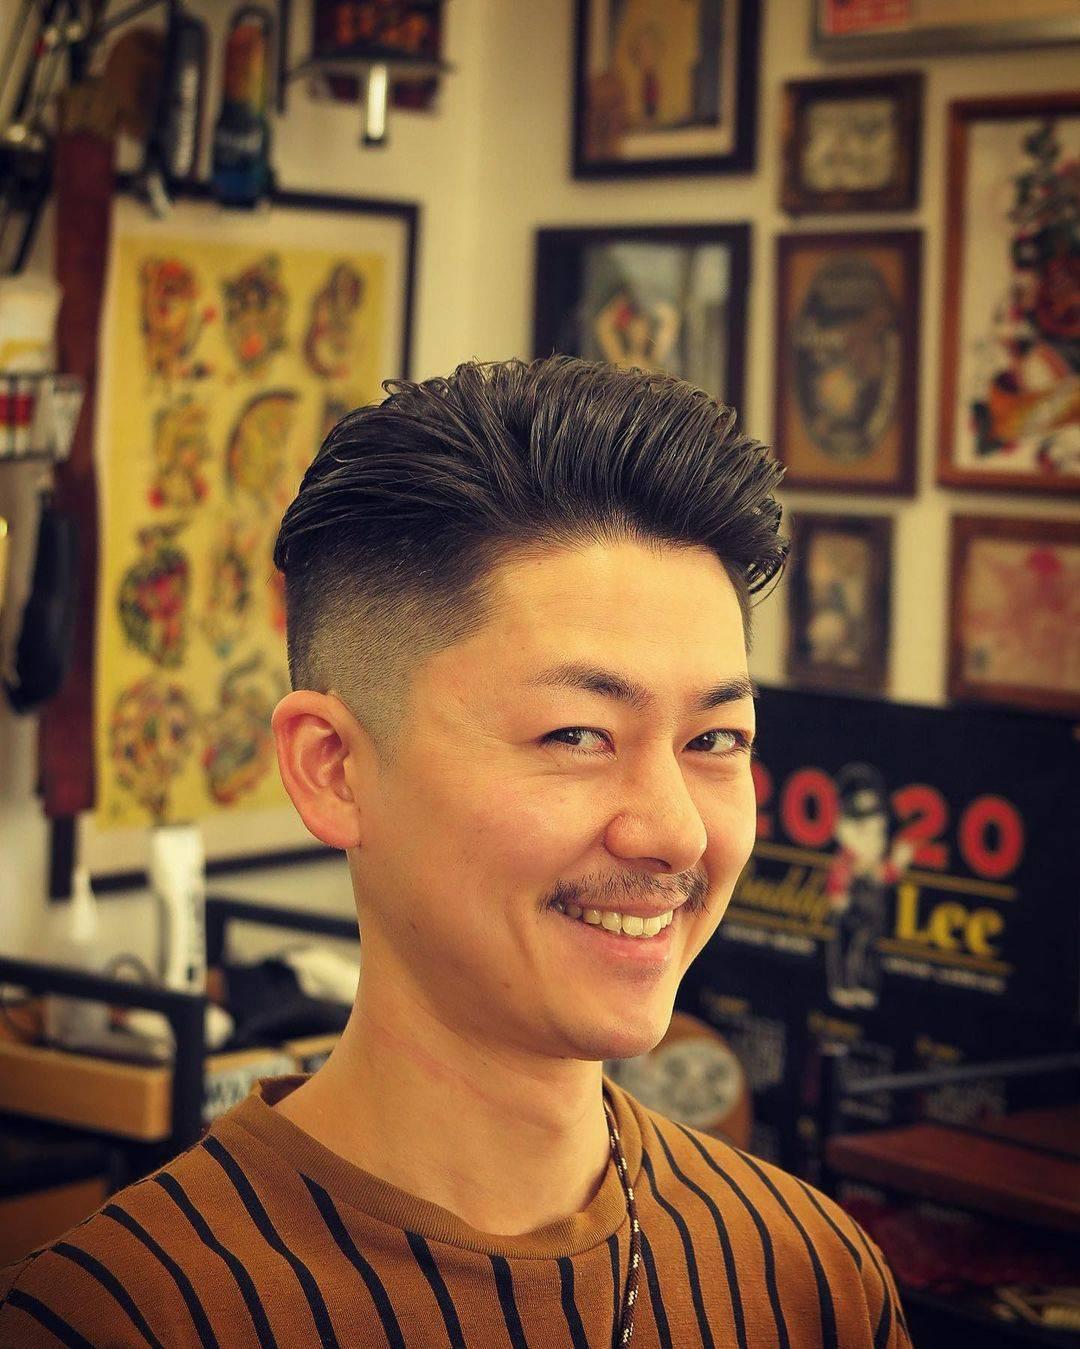 今夏帅到爆表的男发来了 立体时尚很有型 你剪对了吗